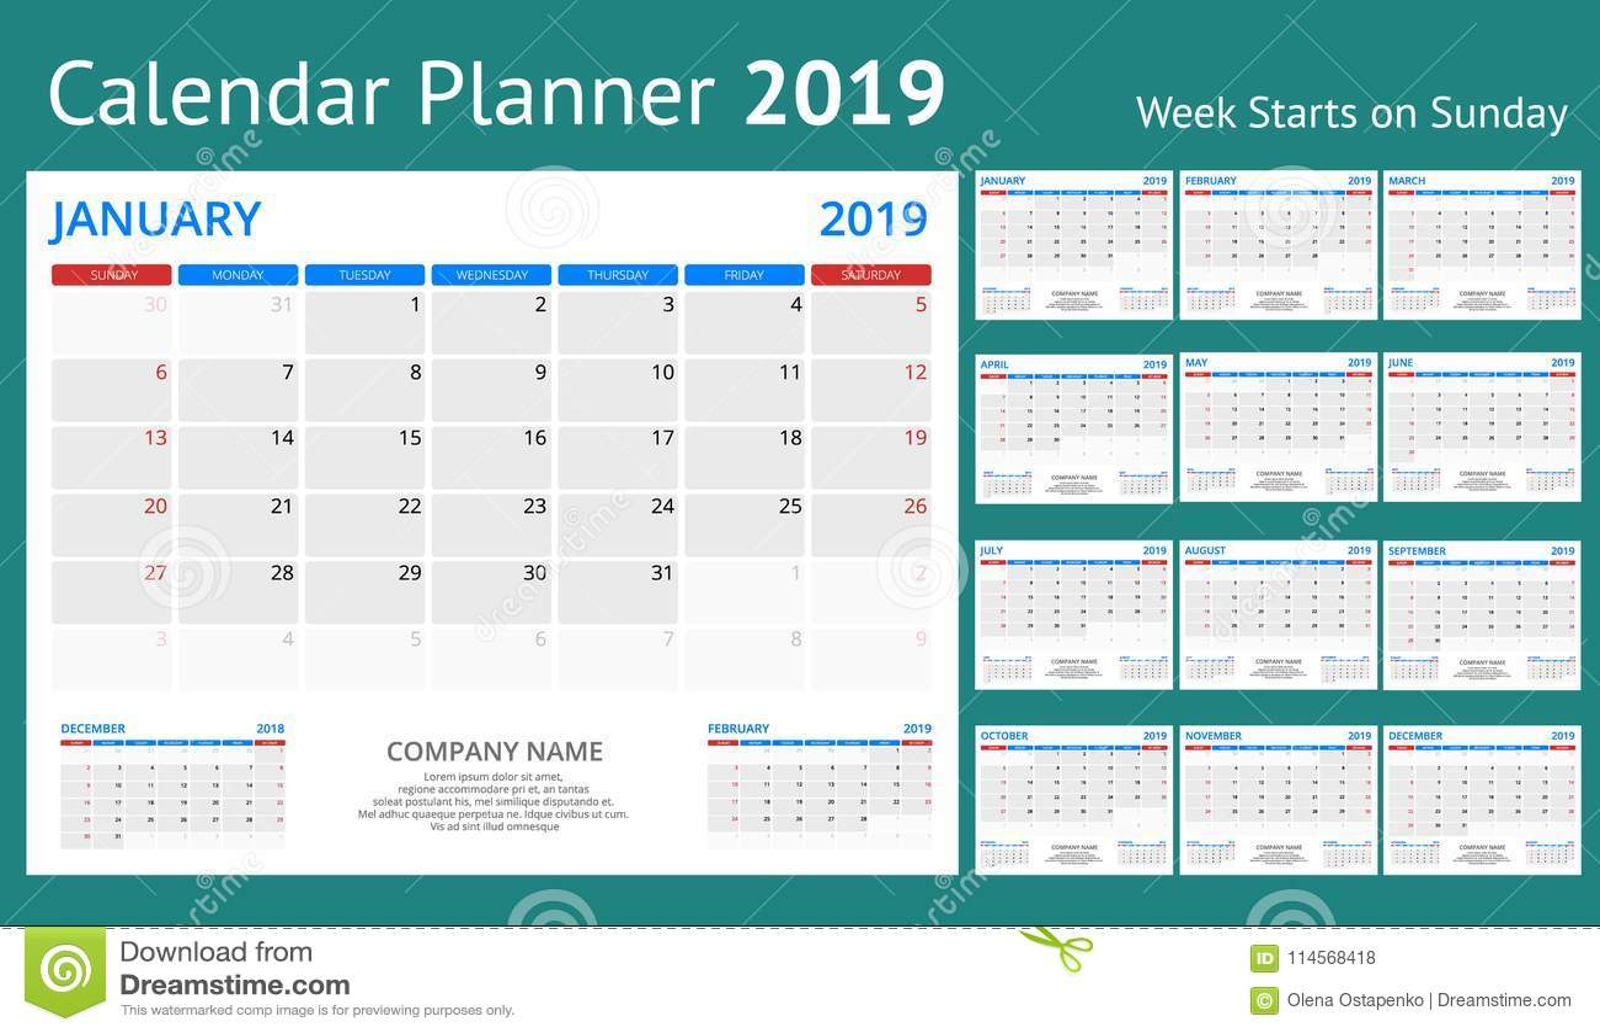 Calendrier Impression.Planificateur De Calendrier Pendant 2019 Annees Calibre D